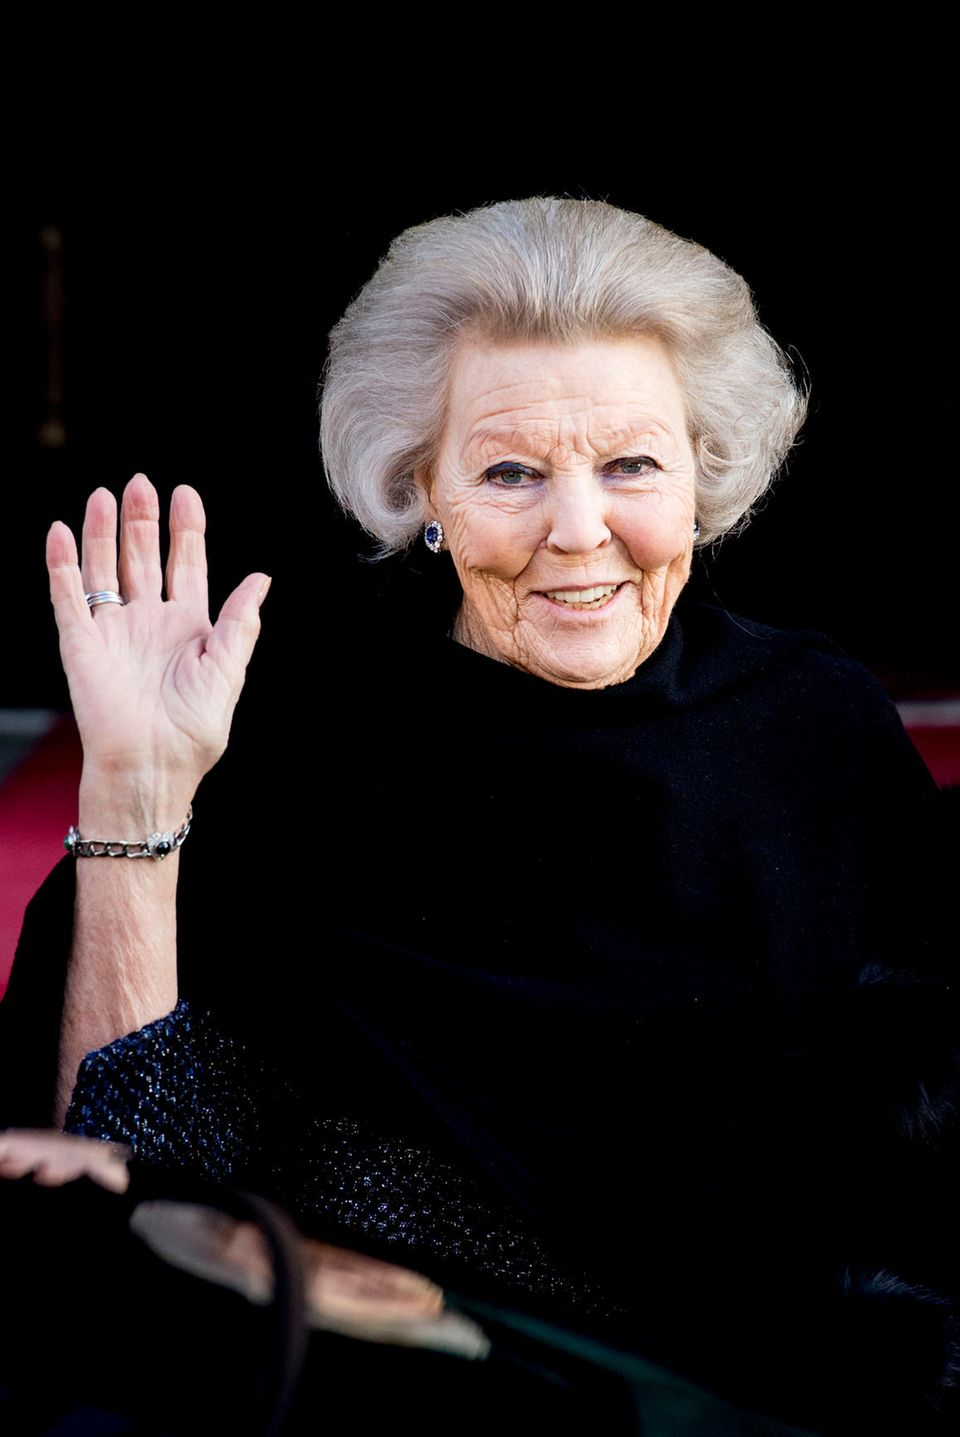 4. Februar 2018  Der EhrengastPrinzessin Beatrix grüßt auch einen Tag nach den Feierlichkeiten fröhlich in die Kameras.